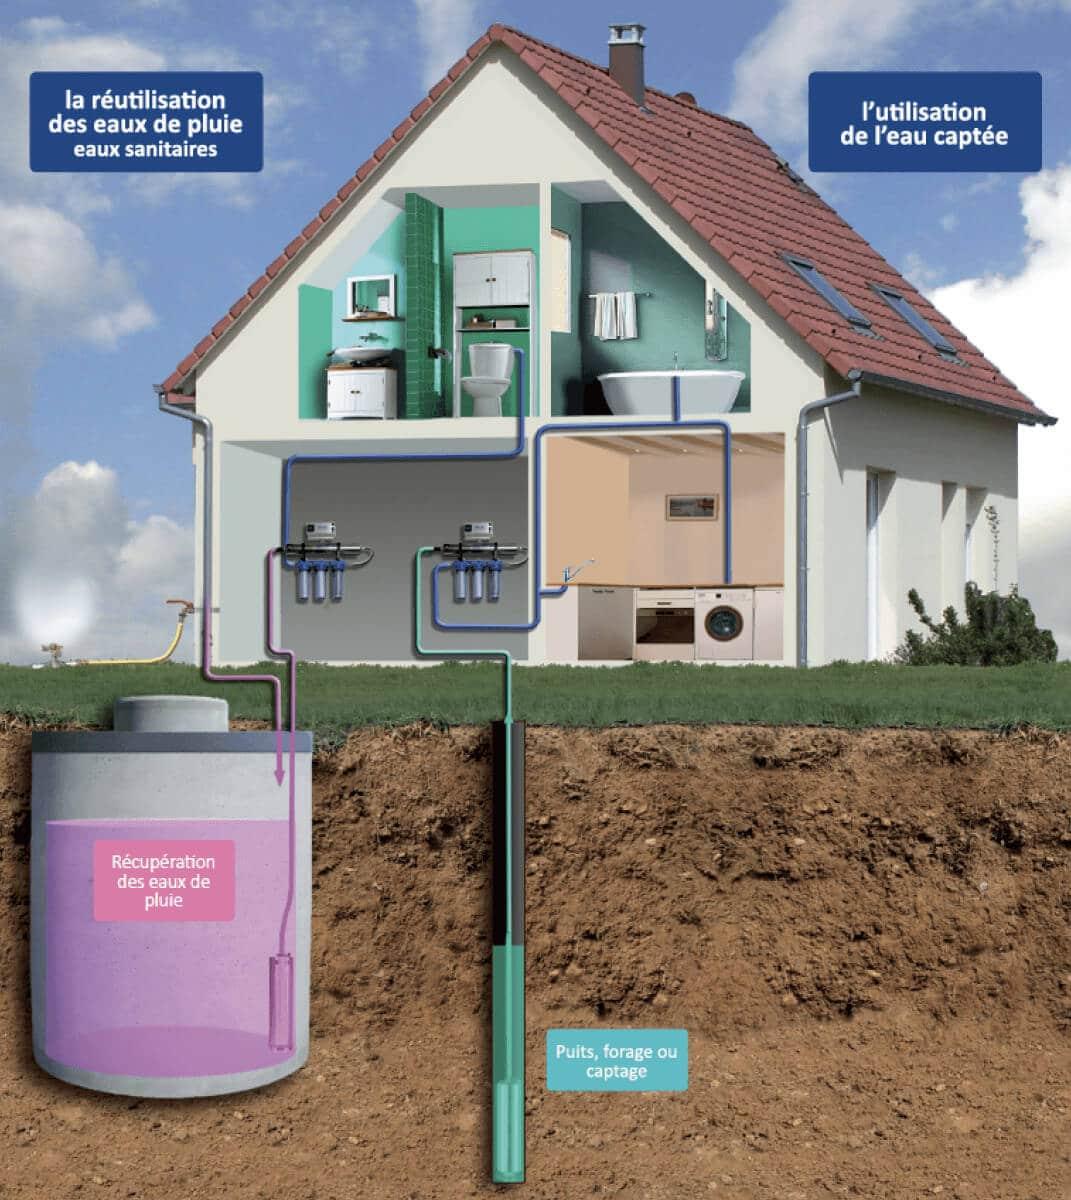 Désinfection UV pour maisons et chalets stérilisation traitement de l'eau par uv consommation humaine biouv 1H2O3